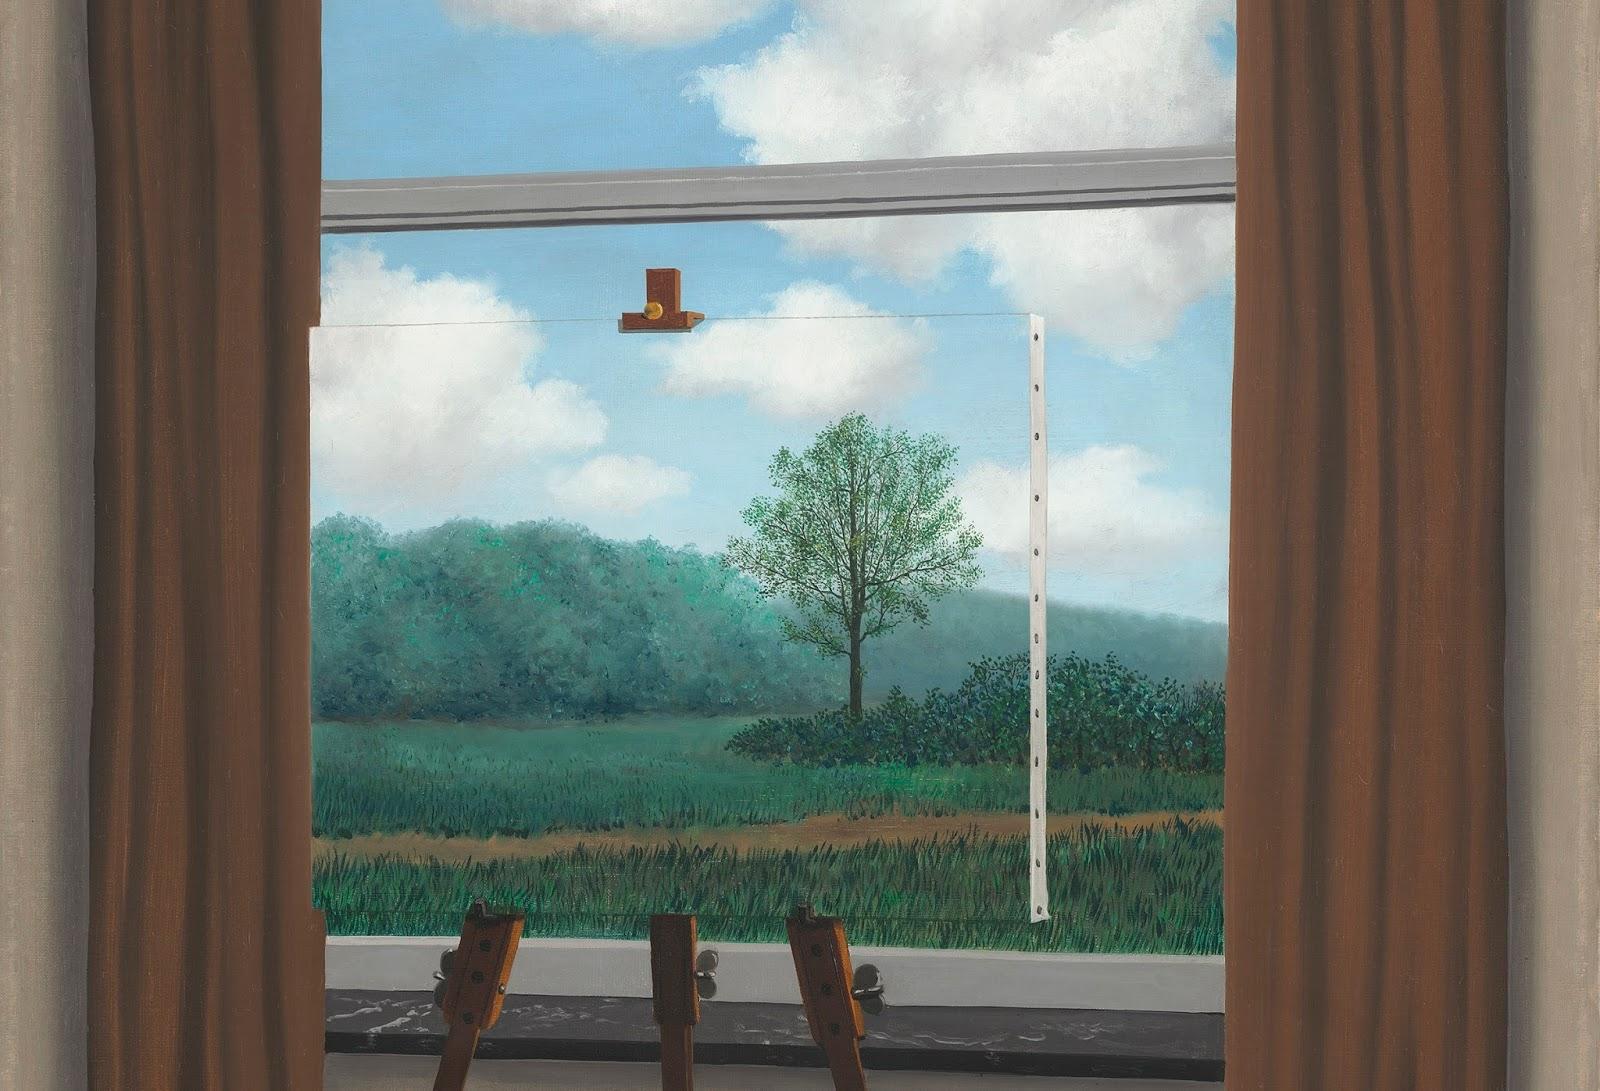 Pirandello, Magritte e Joaquin Phoenix: in bilico tra realtà e finzione